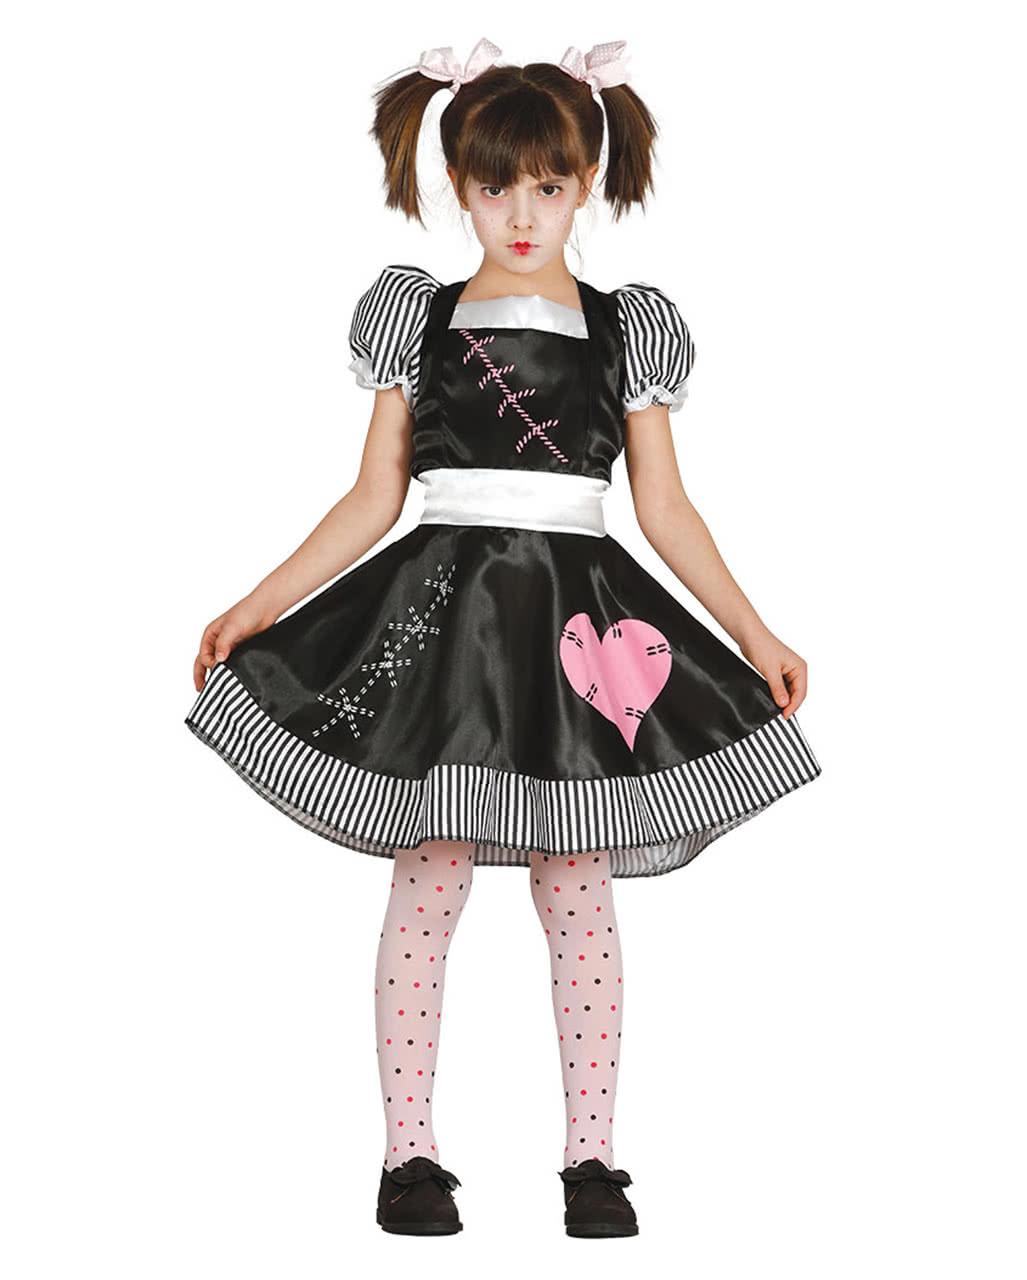 ragdoll kinder puppenkost m ragdoll f r halloween kinder party karneval universe. Black Bedroom Furniture Sets. Home Design Ideas